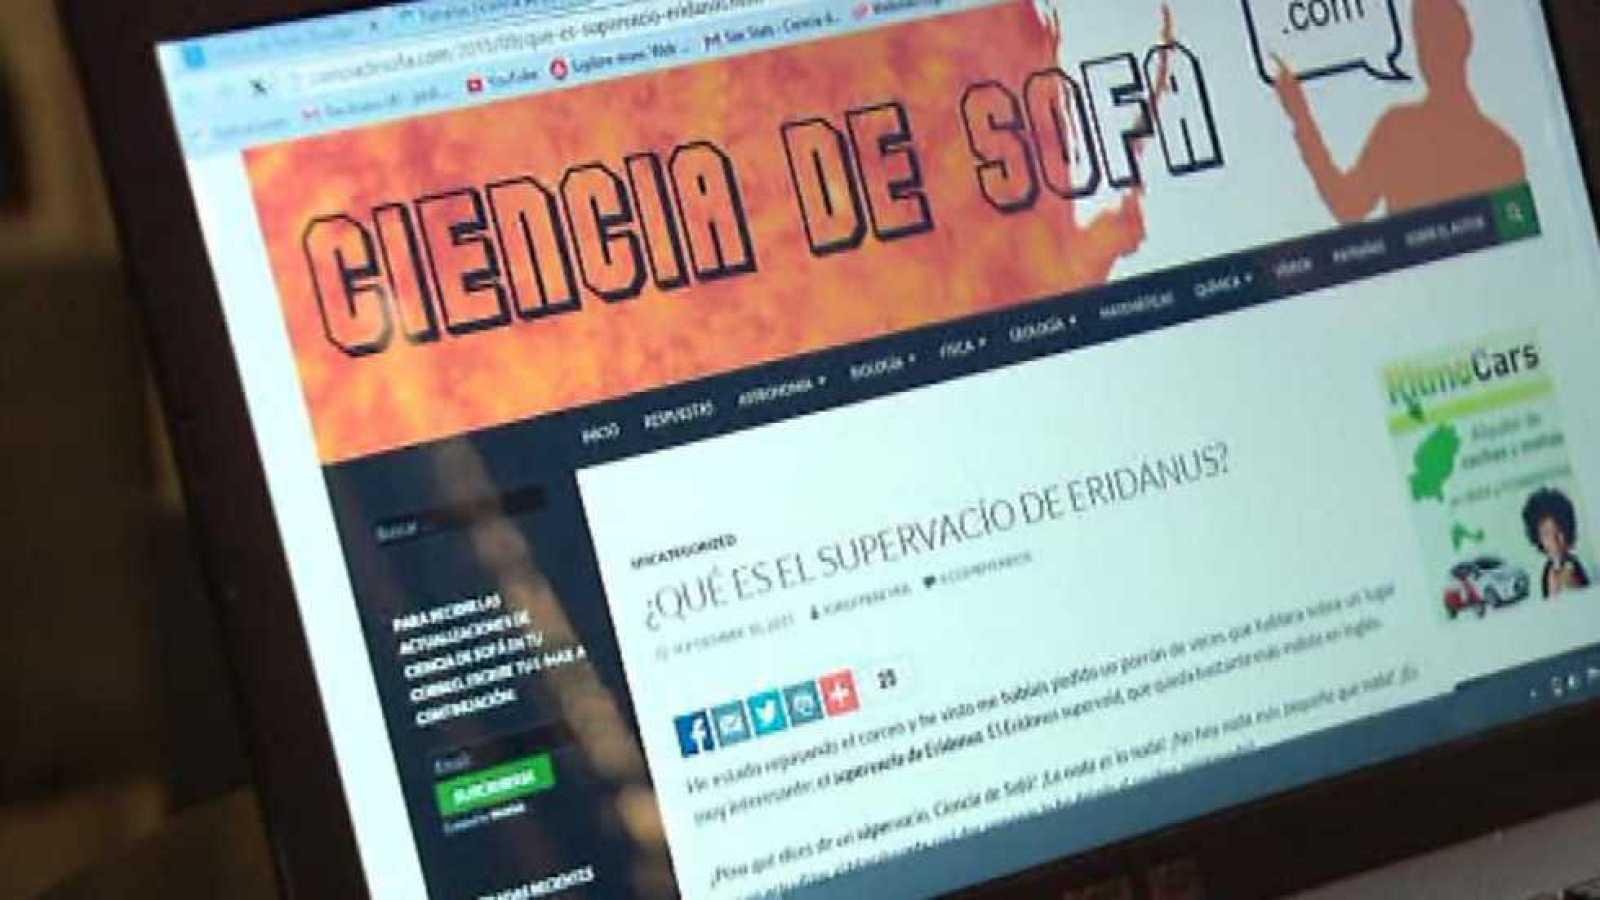 Cámara abierta 2.0 - El blog Ciencia de sofá, gastronomía conectada con el restaurante Triciclo, Runnea.com y Esperanza Elipe en 1minutoCOM - 16/01/16 - Ver ahora